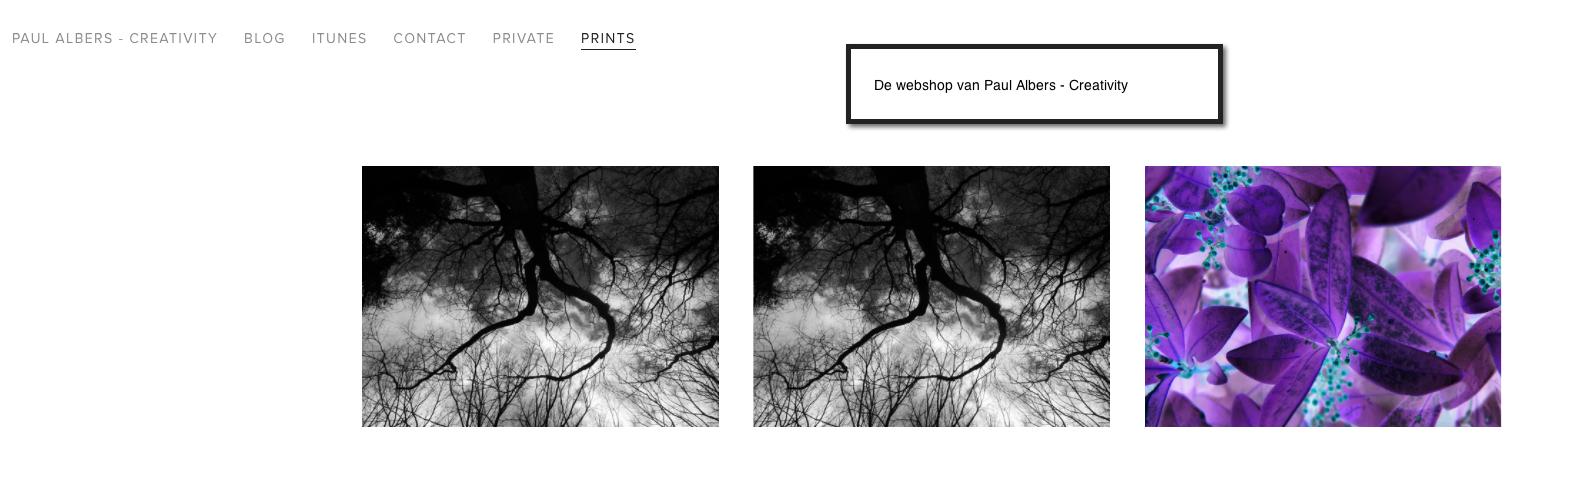 Prints  is de webshop van Paul Albers - Creativity